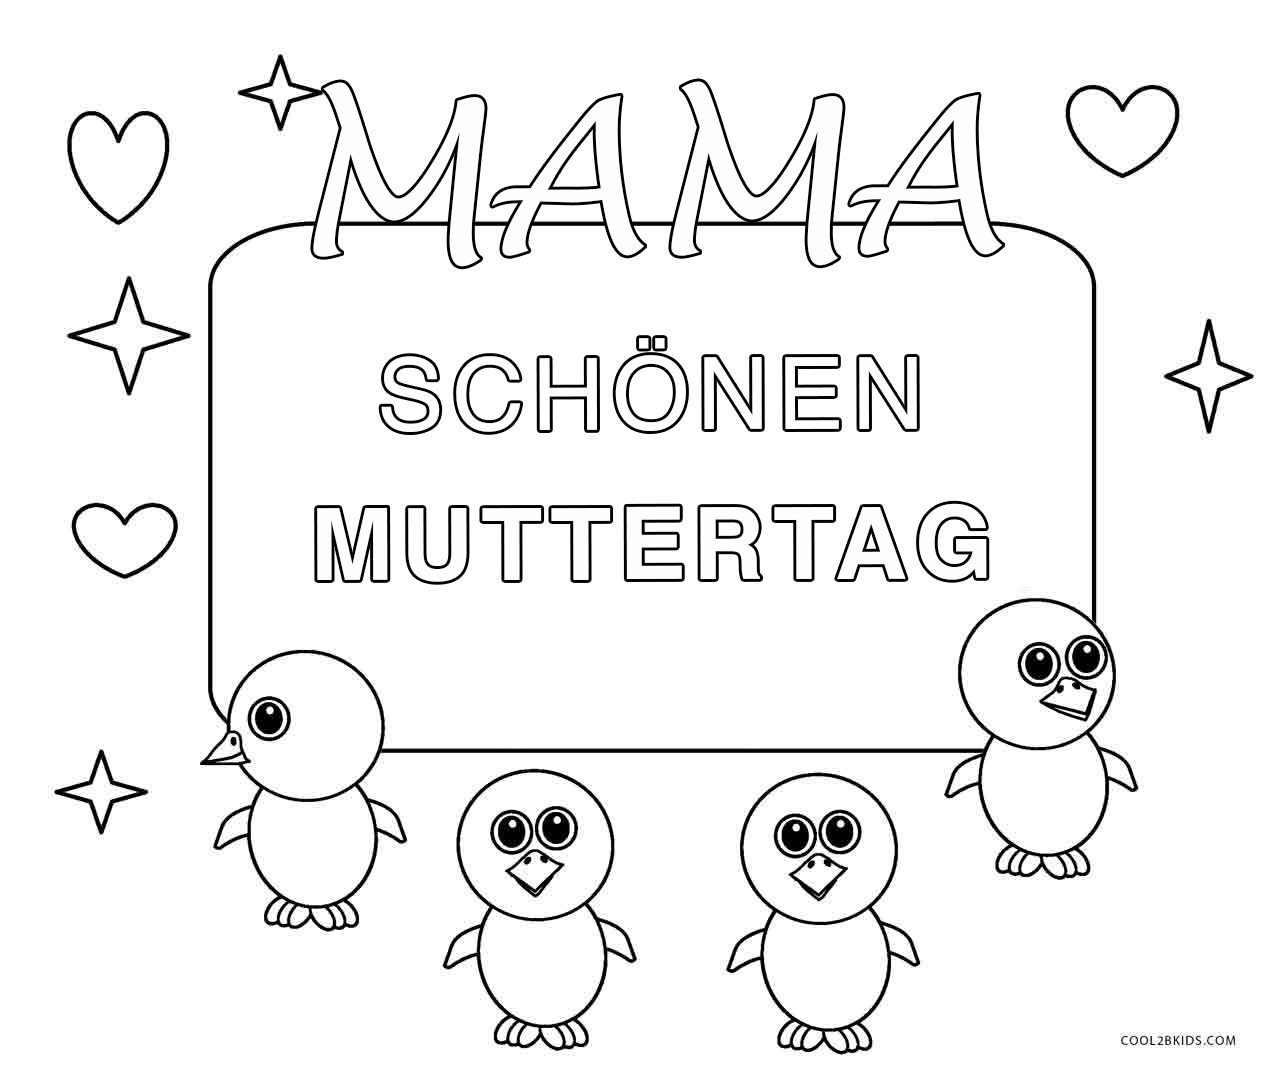 Ausmalbilder Muttertag - Malvorlagen kostenlos zum ausdrucken